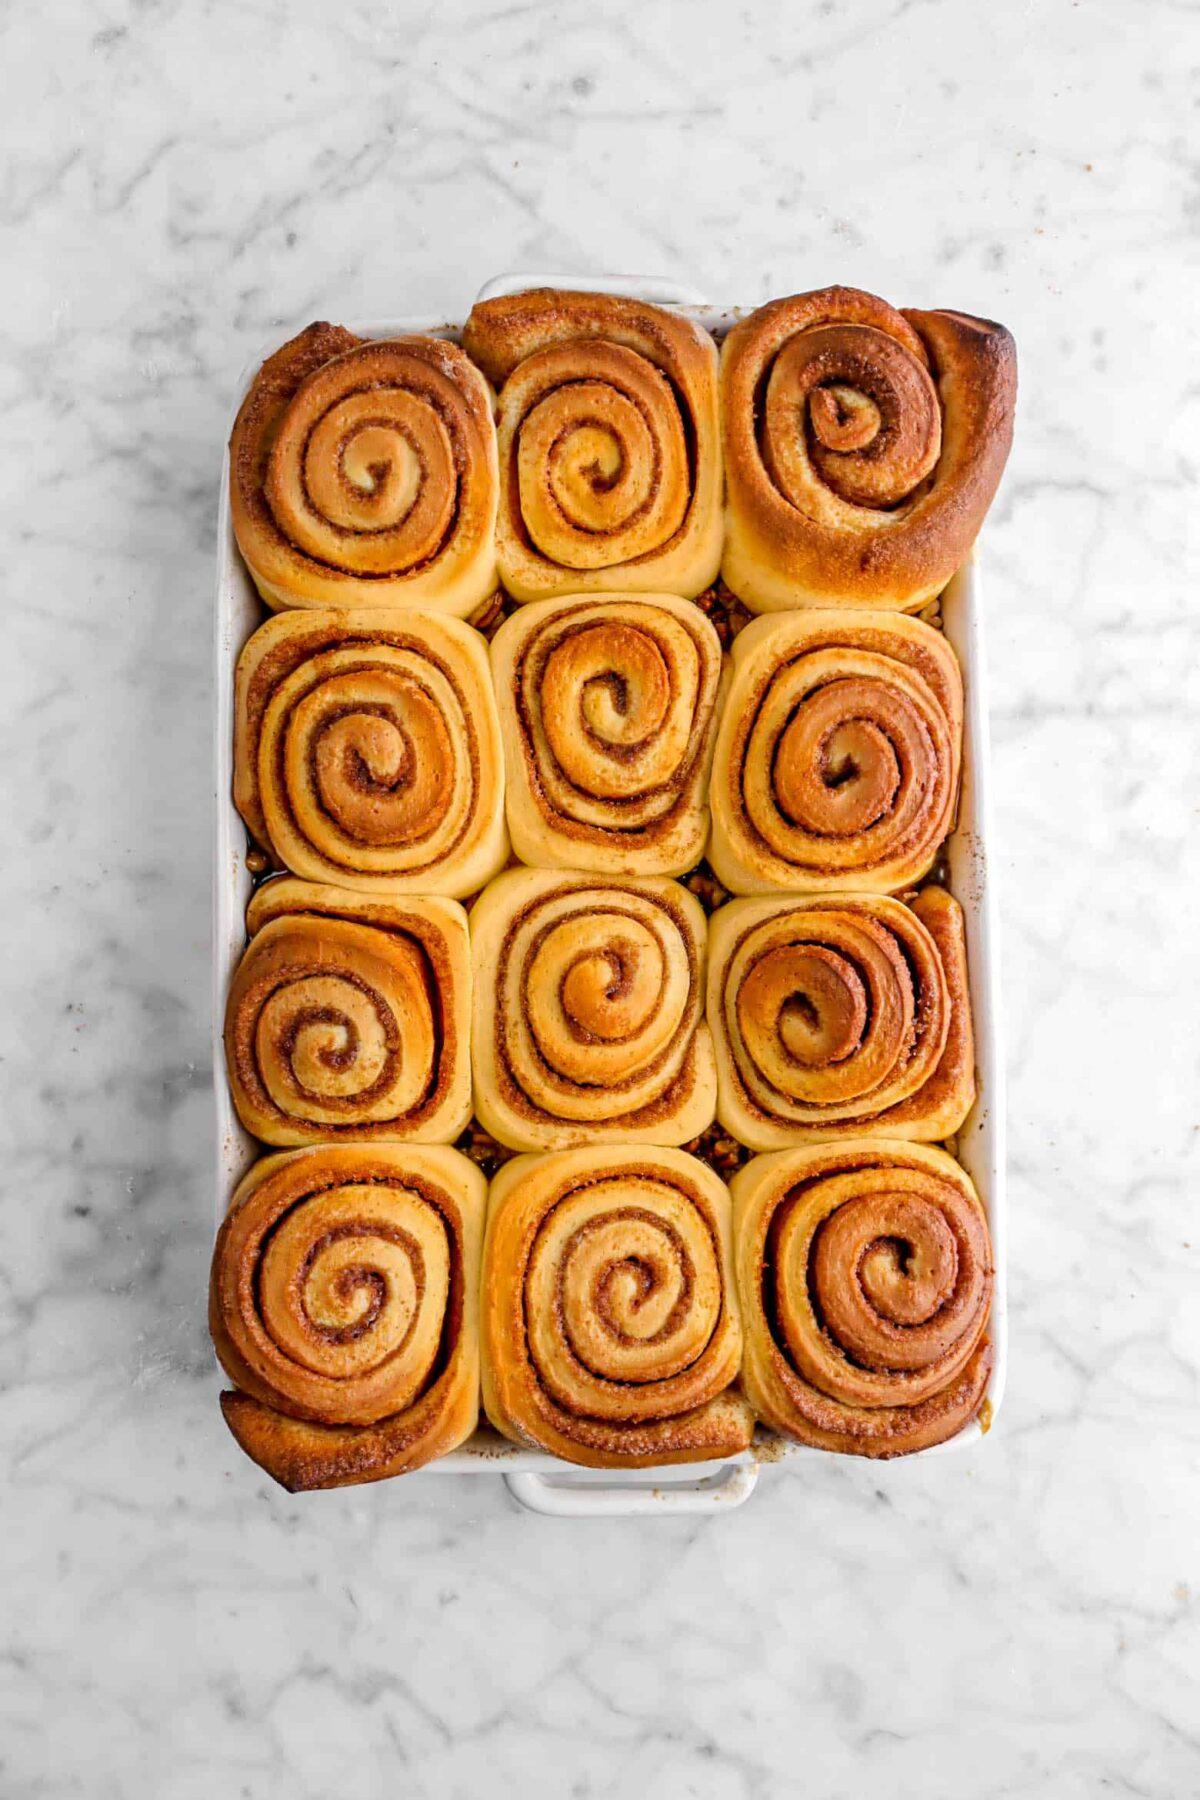 rolls baked until golden brown